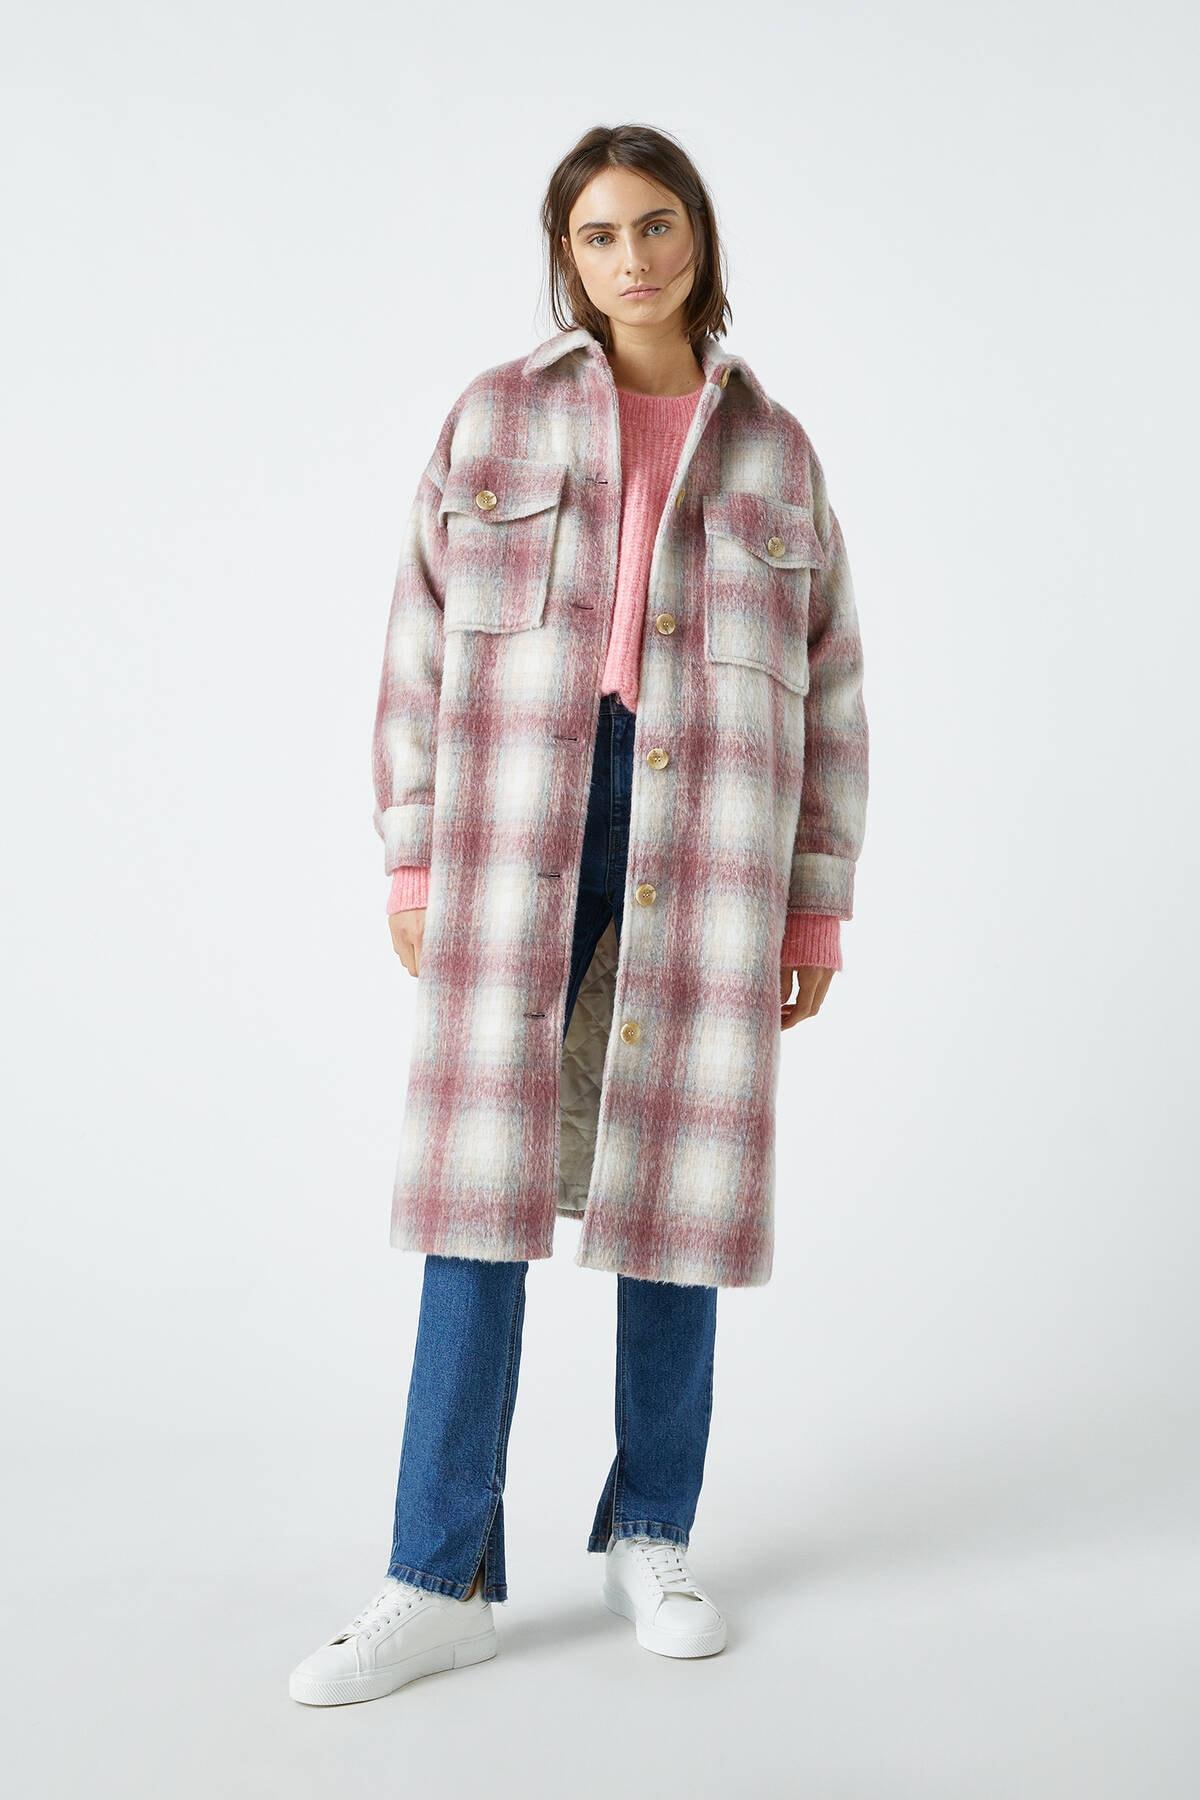 Pull & Bear Kadın Renkli Uzun Kareli İnce Ceket 09710455 1